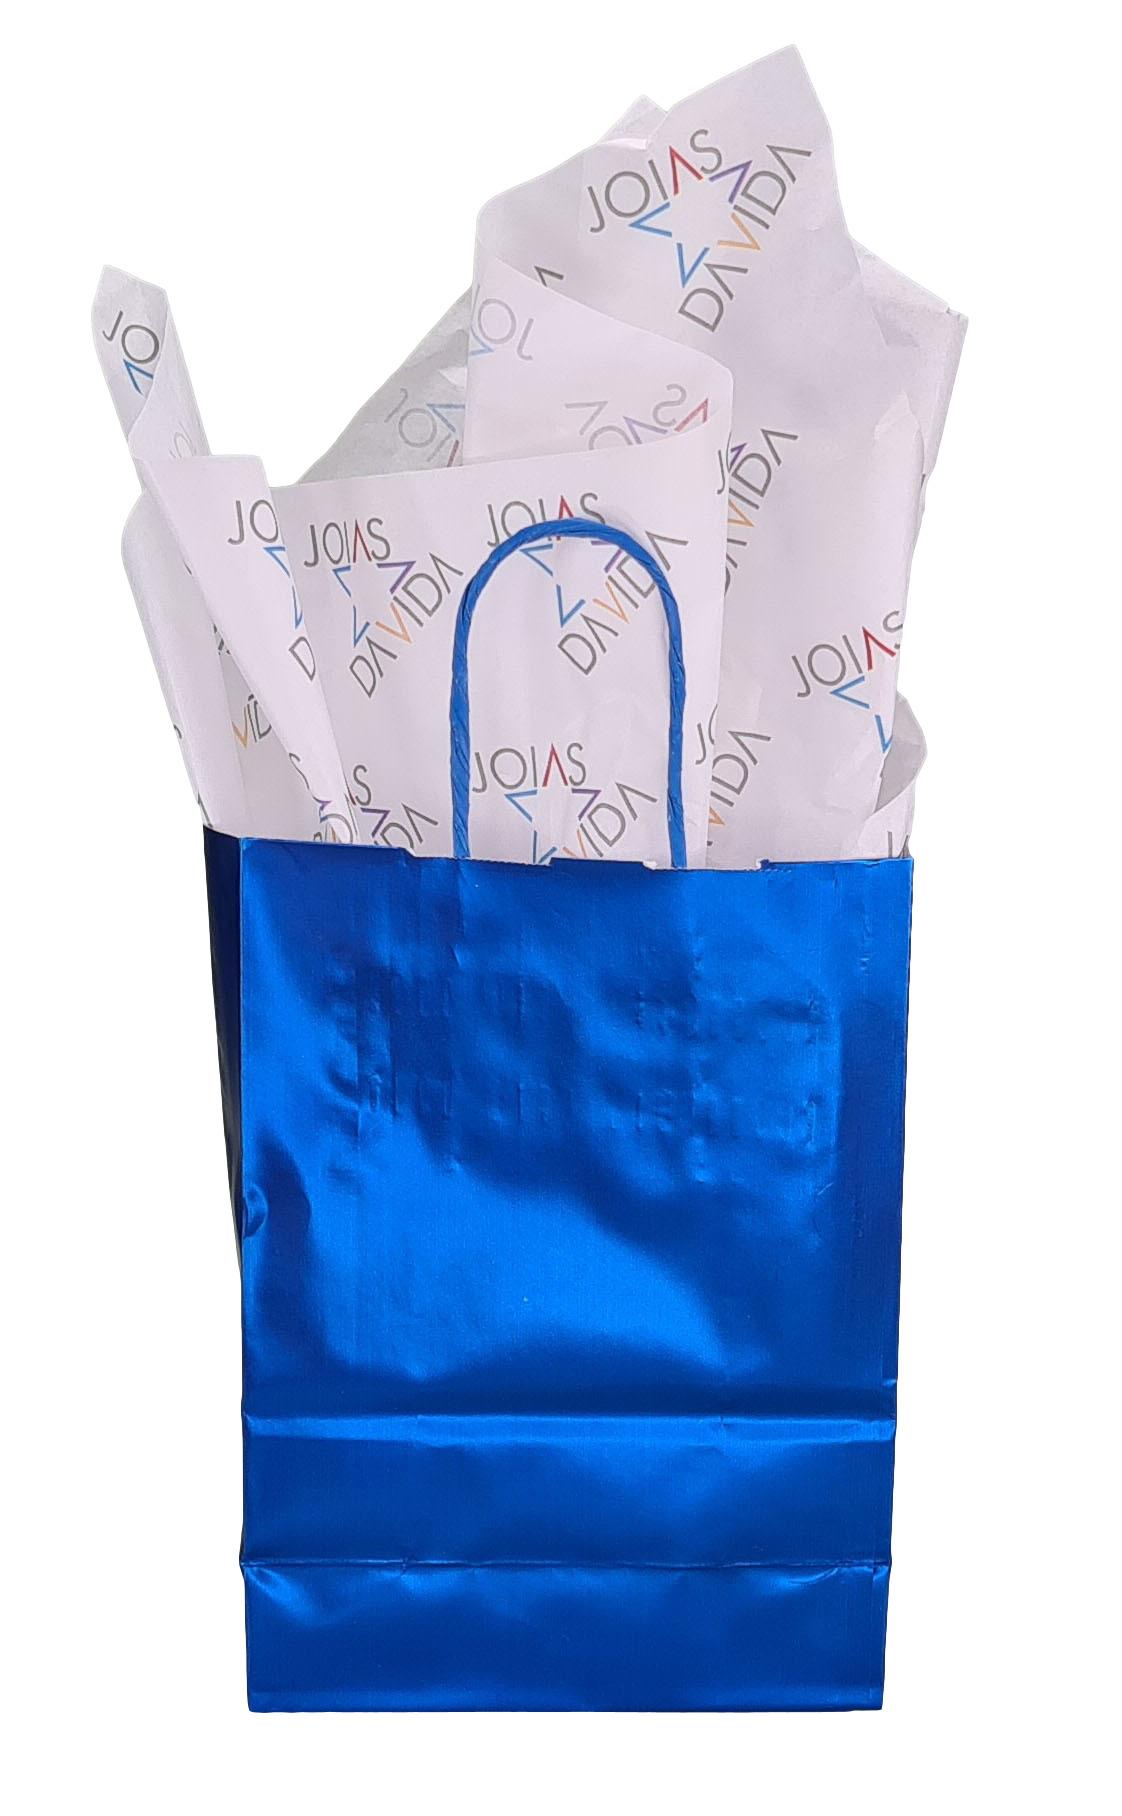 Papel de Seda Personalizado 20g/m - Tamanho 50 x 70 - Linha paper 7665  - Litex Embalagens